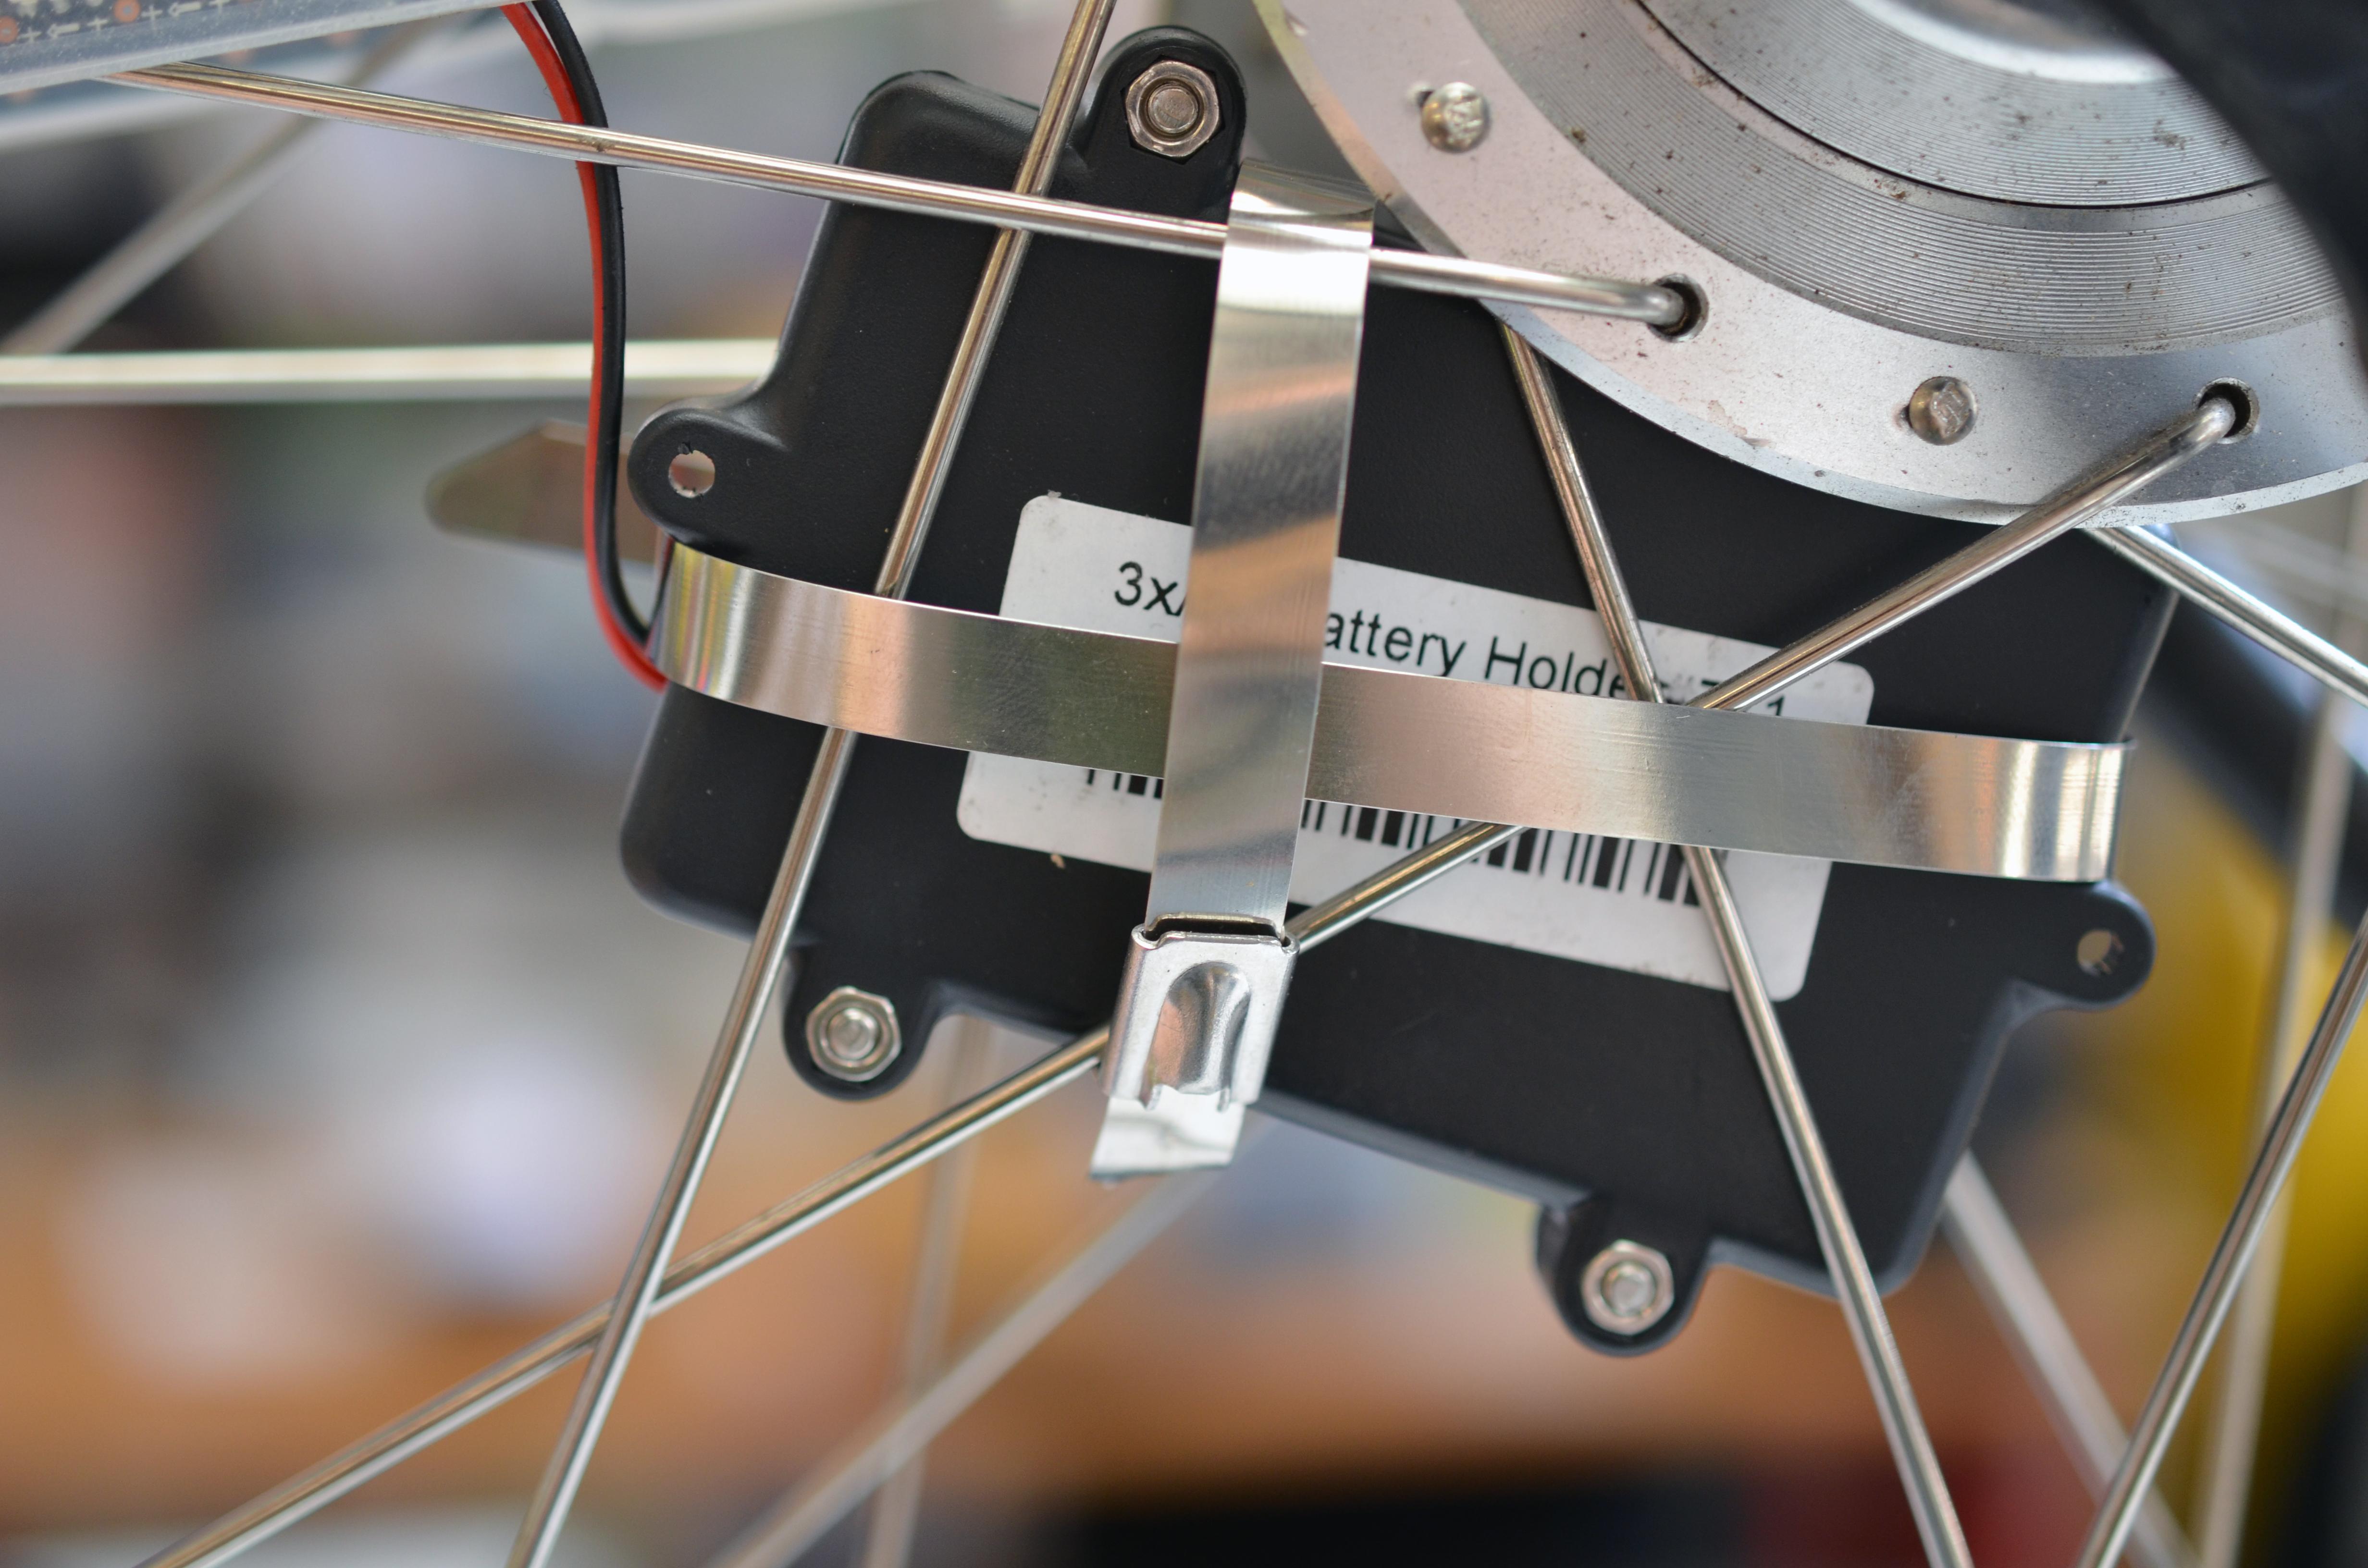 projects_pov-bike-wheel-adafruit-steel-zipties.jpg